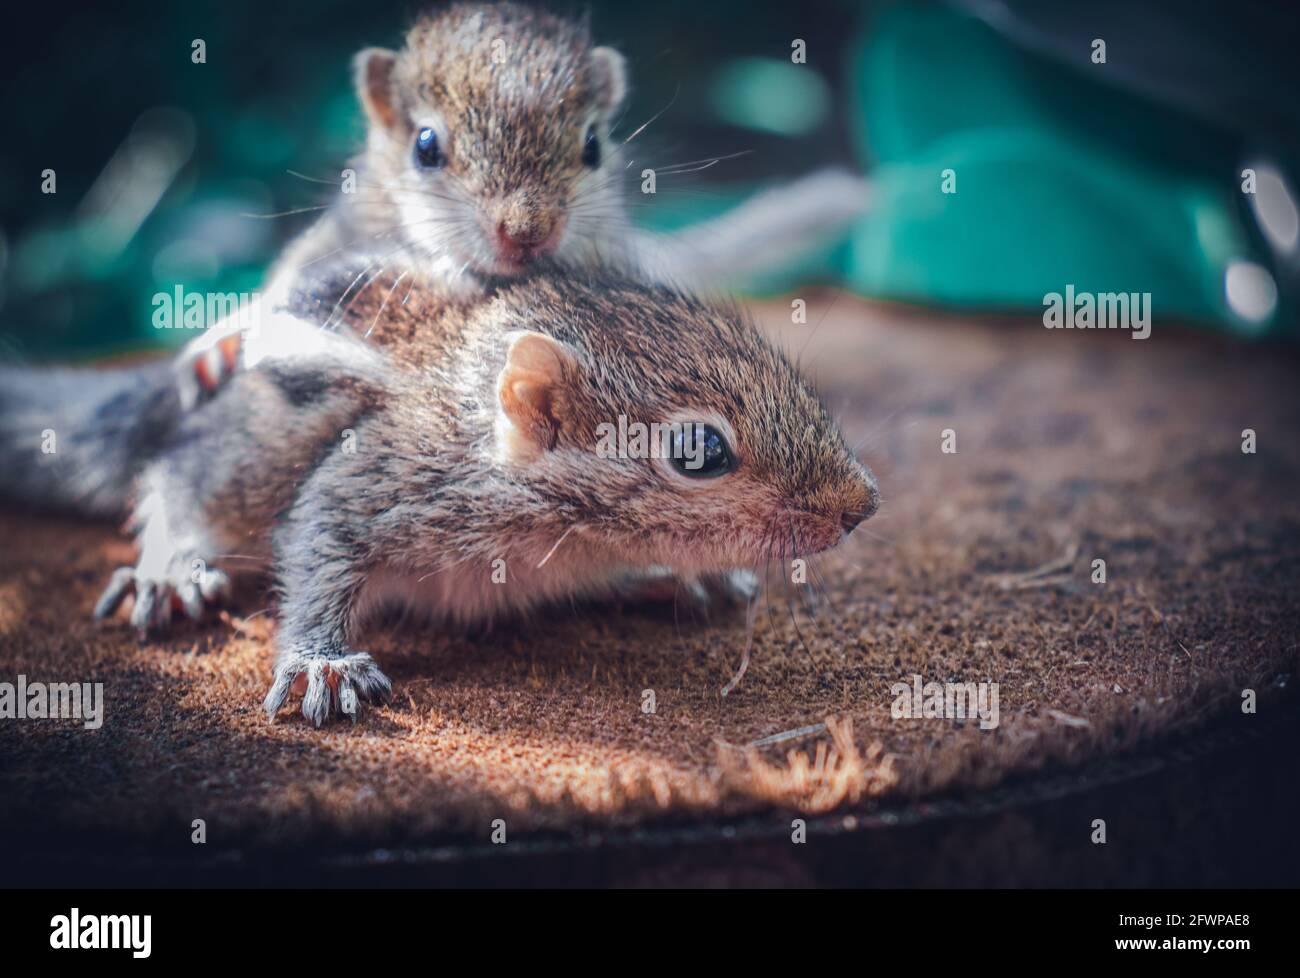 El bebé de la ardilla del hermano pequeño monta a los hermanos grandes detrás, fotografía adorable linda animal-temática, los bebés de la ardilla de la palma de tres-rayados son abandonados por el paren Foto de stock